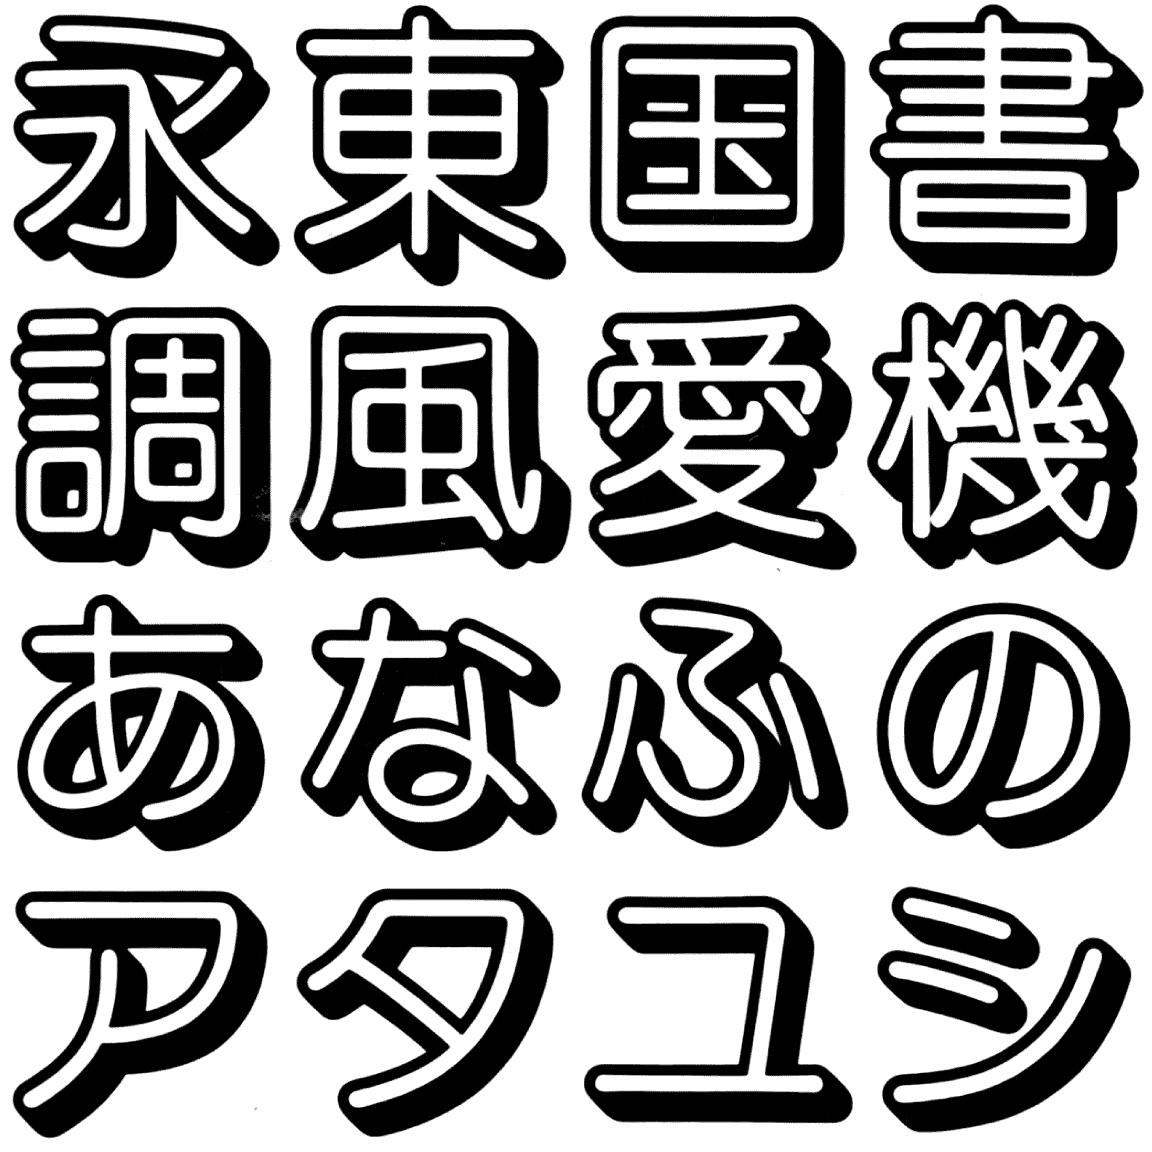 ナール OS OSNAR 字形見本